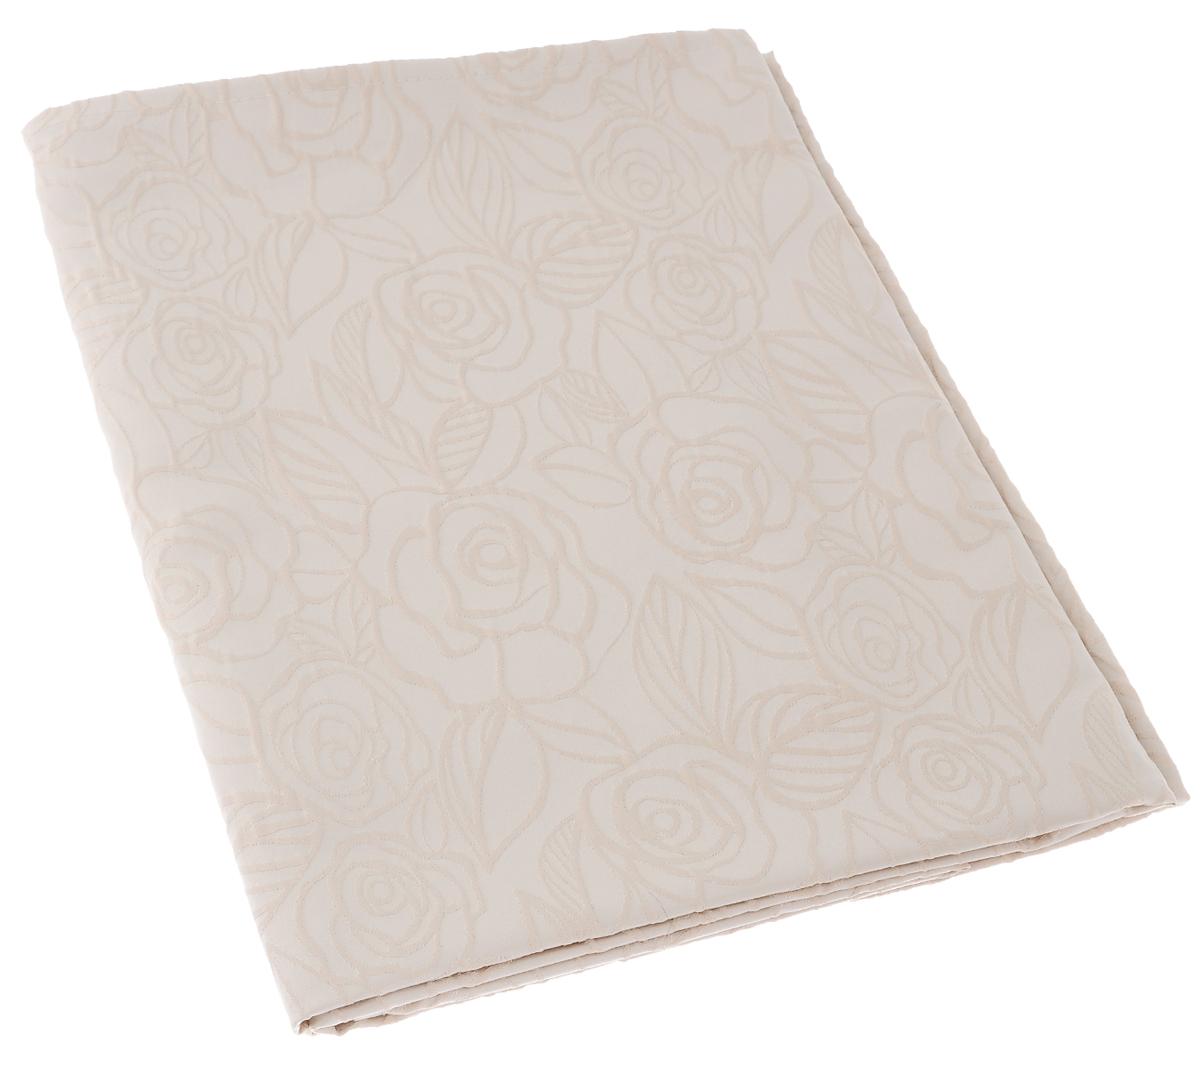 Скатерть Schaefer, прямоугольная, цвет: светло-бежевый, 130 х 160 см. 07550-42707550-427Изящная прямоугольная скатерть Schaefer, выполненная из плотного полиэстера с водоотталкивающей пропиткой, станет украшением кухонного стола. Изделие декорировано рельефным цветочным узором. За текстилем из полиэстера очень легко ухаживать: он не мнется, не садится и быстро сохнет, легко стирается, более долговечен, чем текстиль из натуральных волокон. Использование такой скатерти сделает застолье торжественным, поднимет настроение гостей и приятно удивит их вашим изысканным вкусом. Также вы можете использовать эту скатерть для повседневной трапезы, превратив каждый прием пищи в волшебный праздник и веселье. Это текстильное изделие станет изысканным украшением вашего дома!